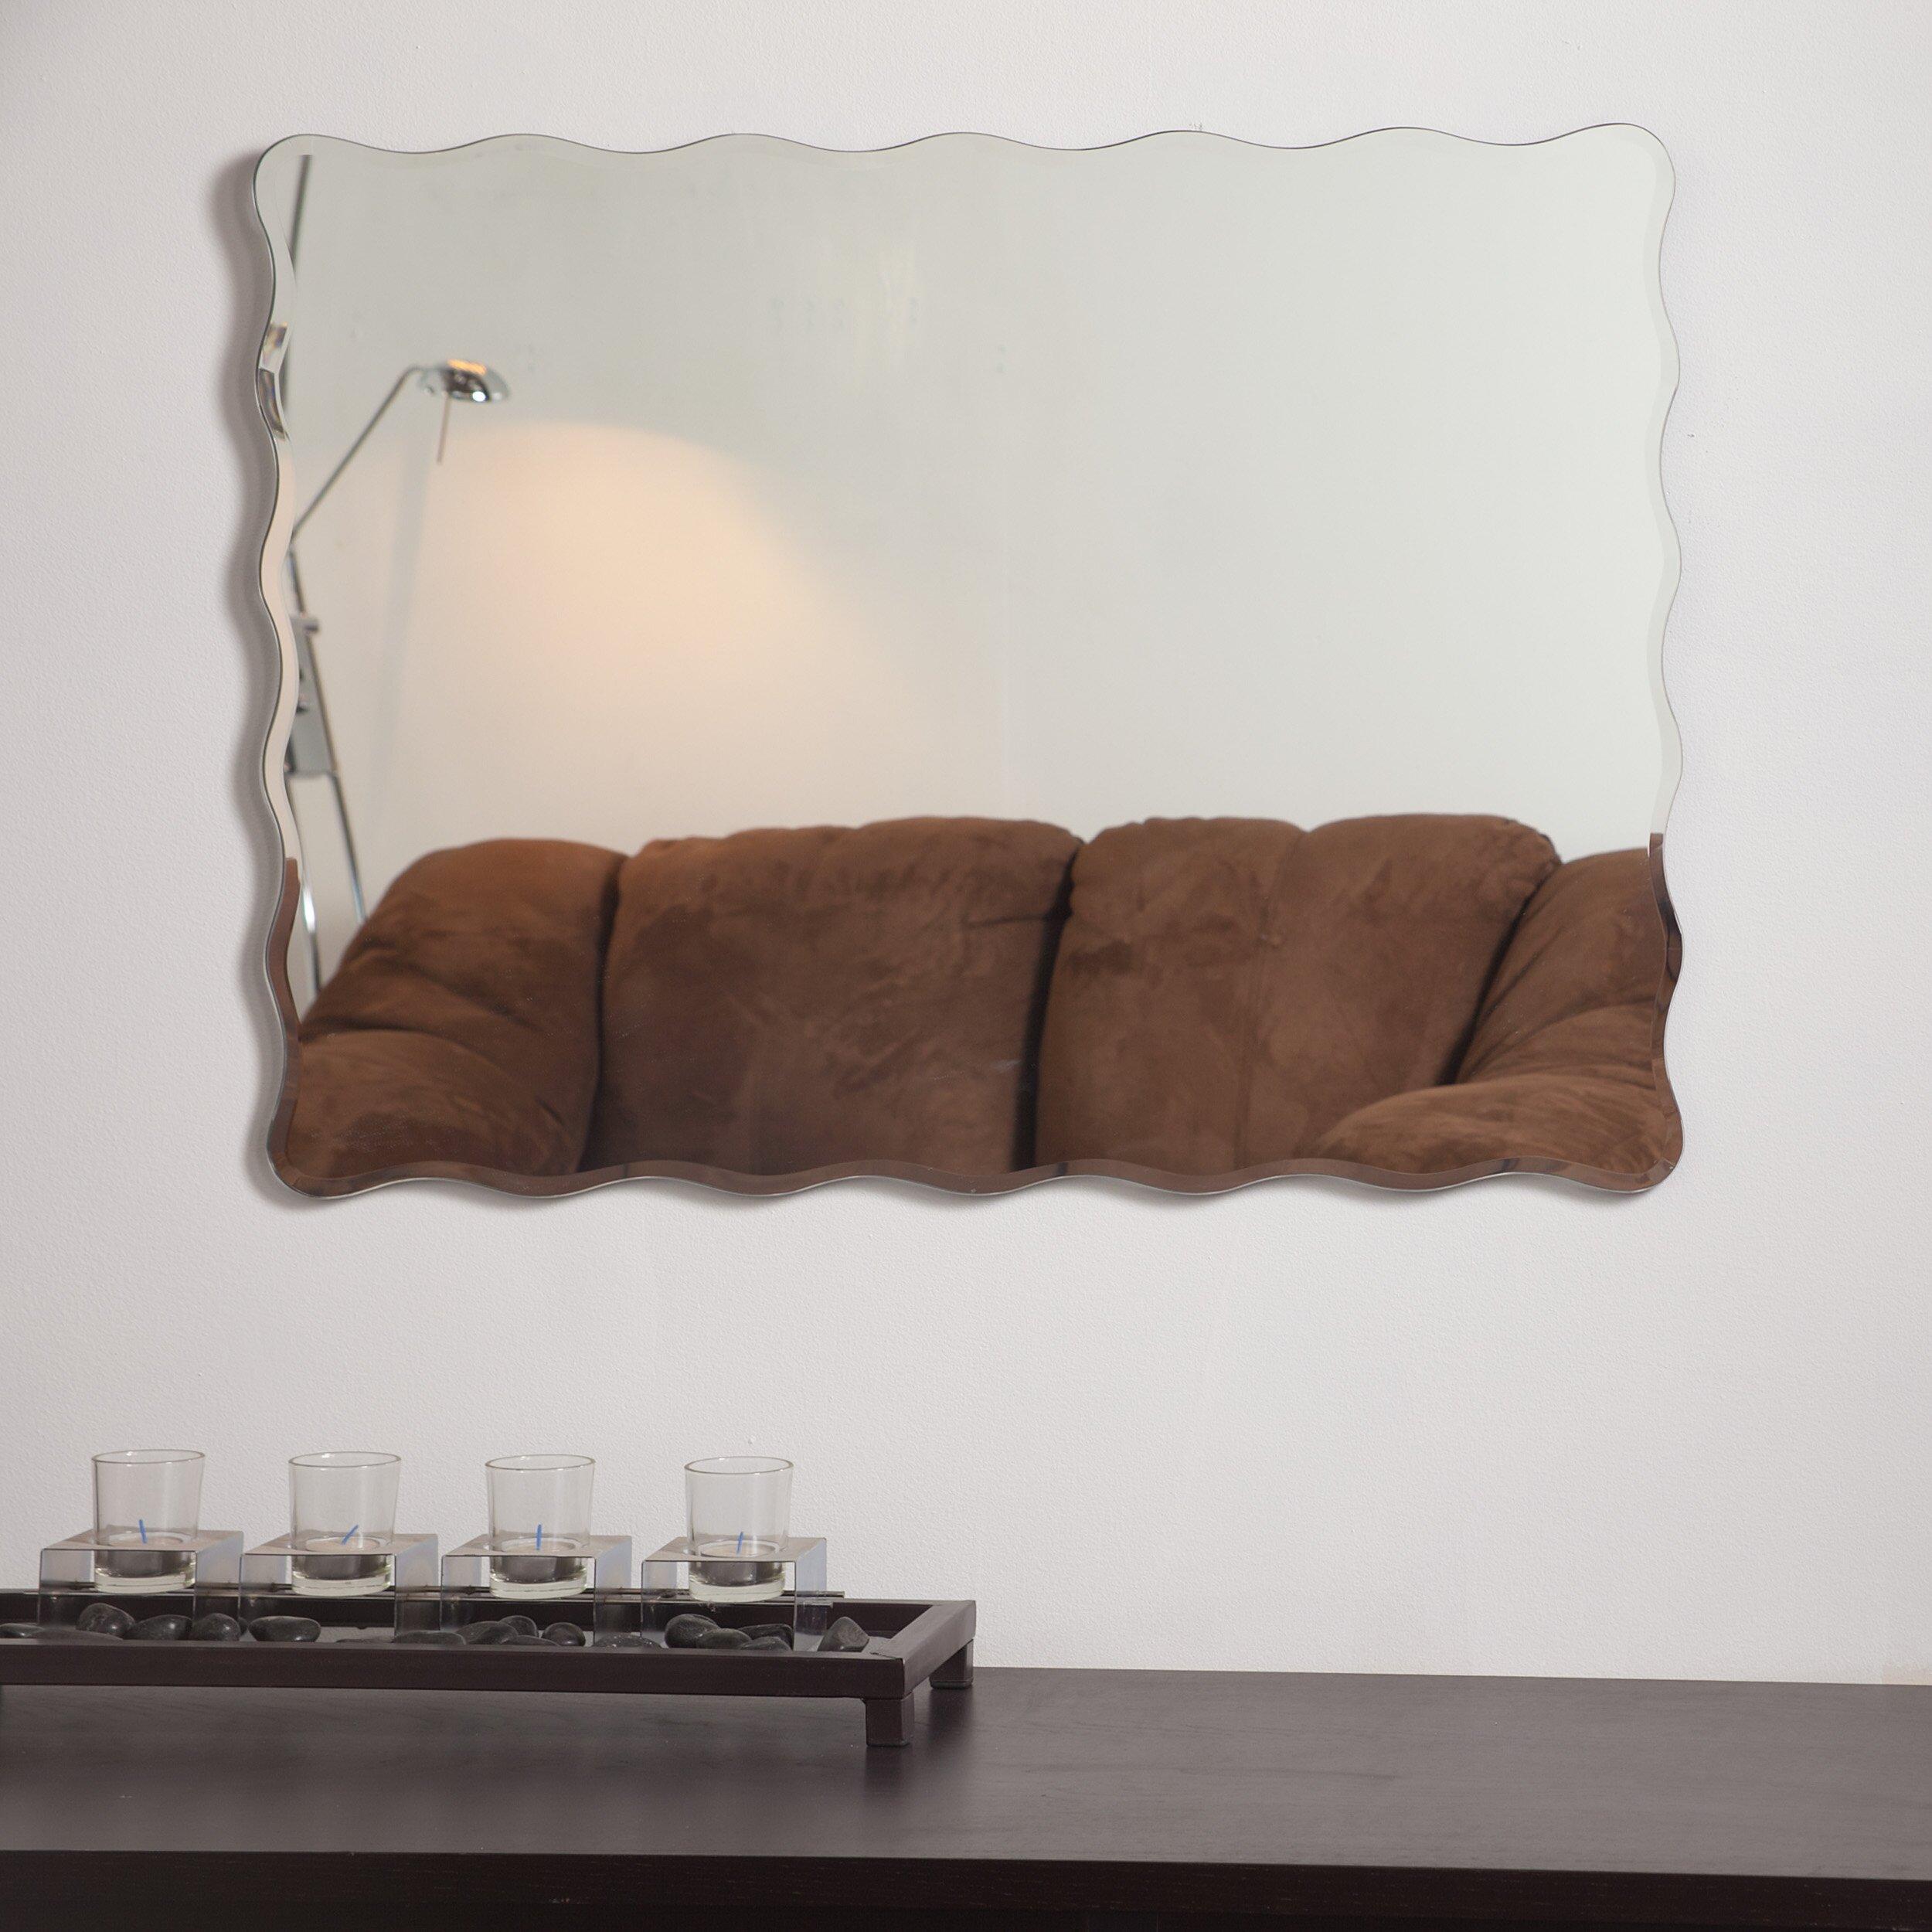 Beachcrest home valparaiso modern wall mirror reviews for Modern wall mirror